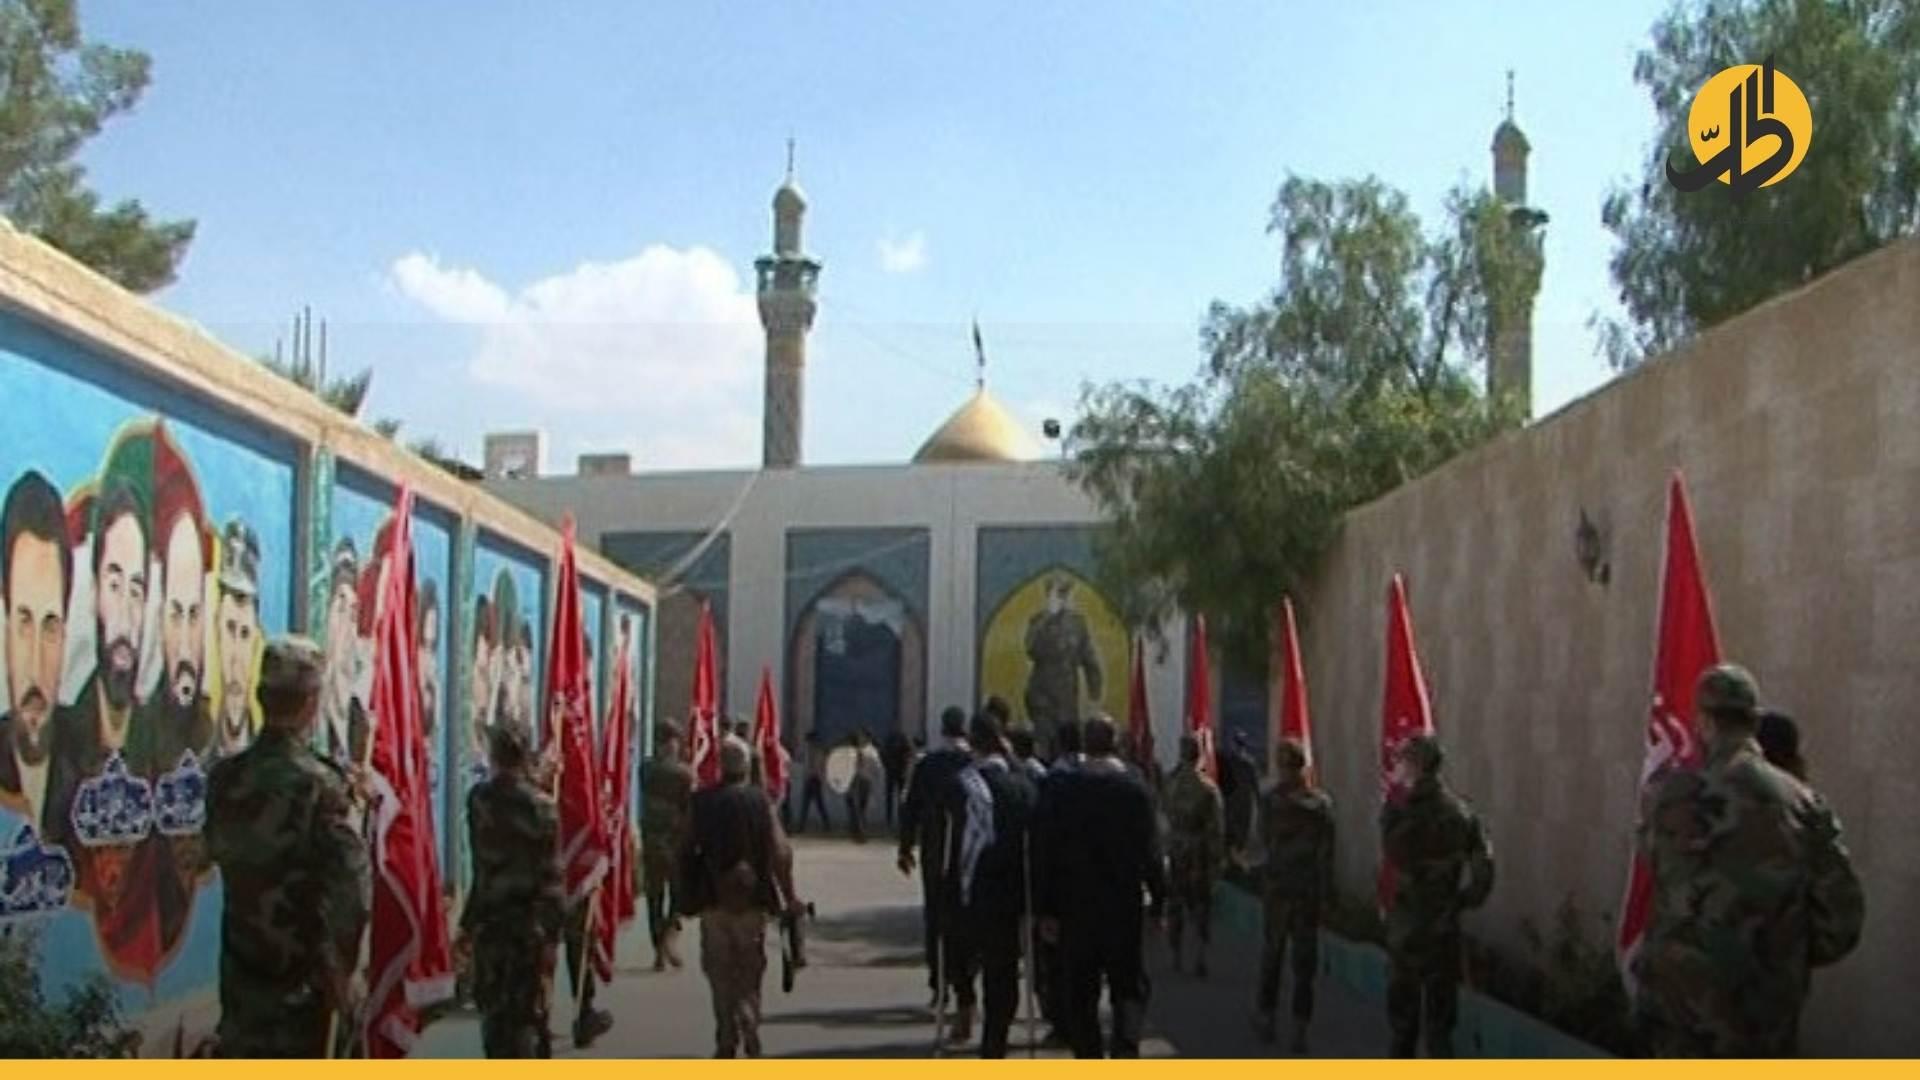 صراع الميلشيات الإيرانية والفرقة الرابعة.. هل تشعل «السيدة زينب» الانقسام المناطقي في دمشق؟